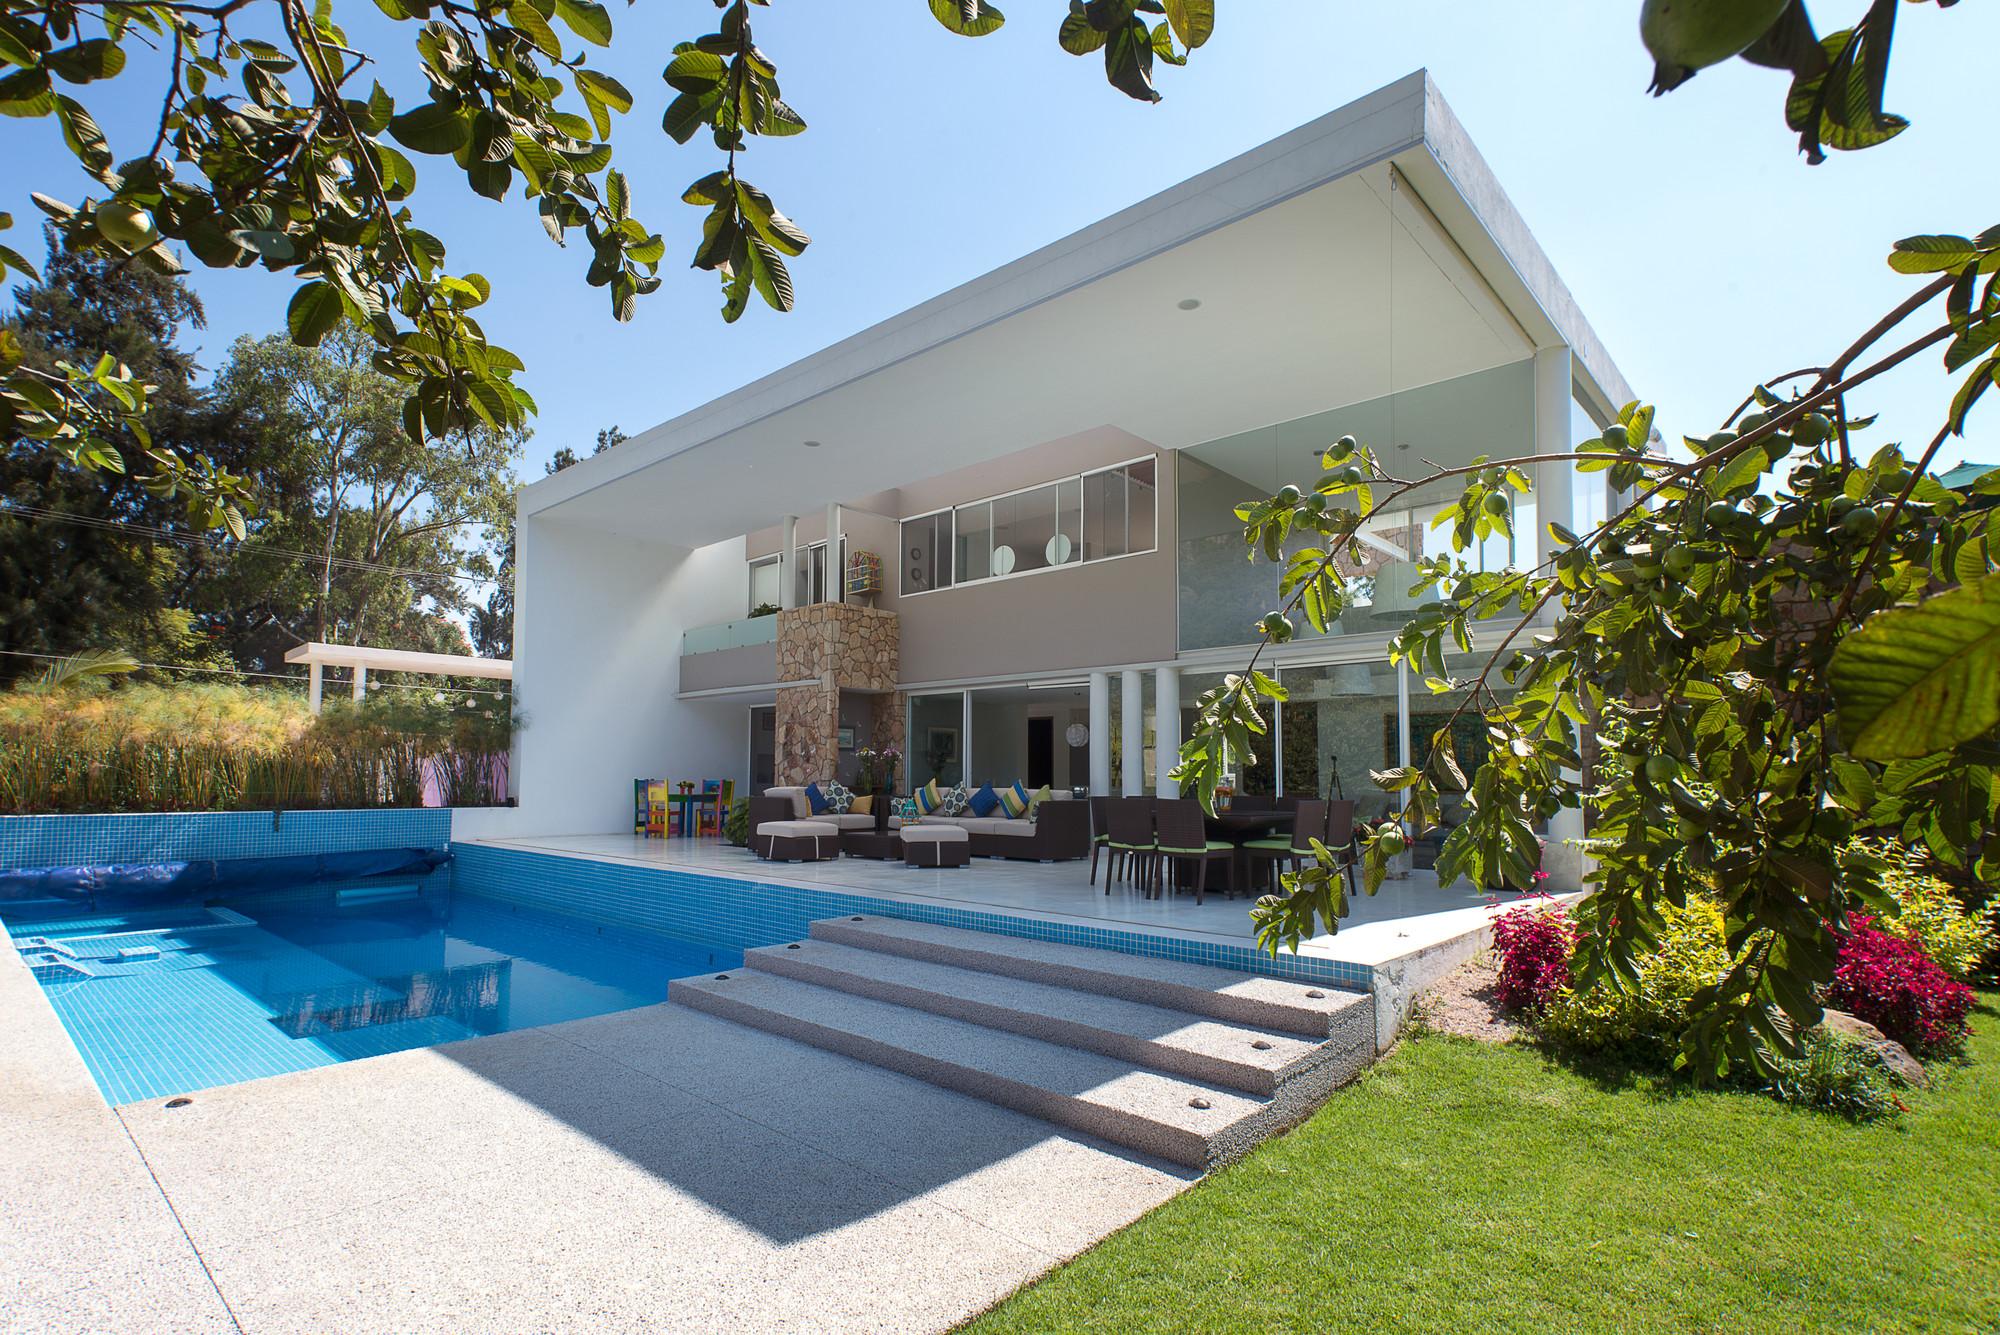 Casa del viento a 001 taller de arquitectura archdaily - Idee per progettare una casa ...